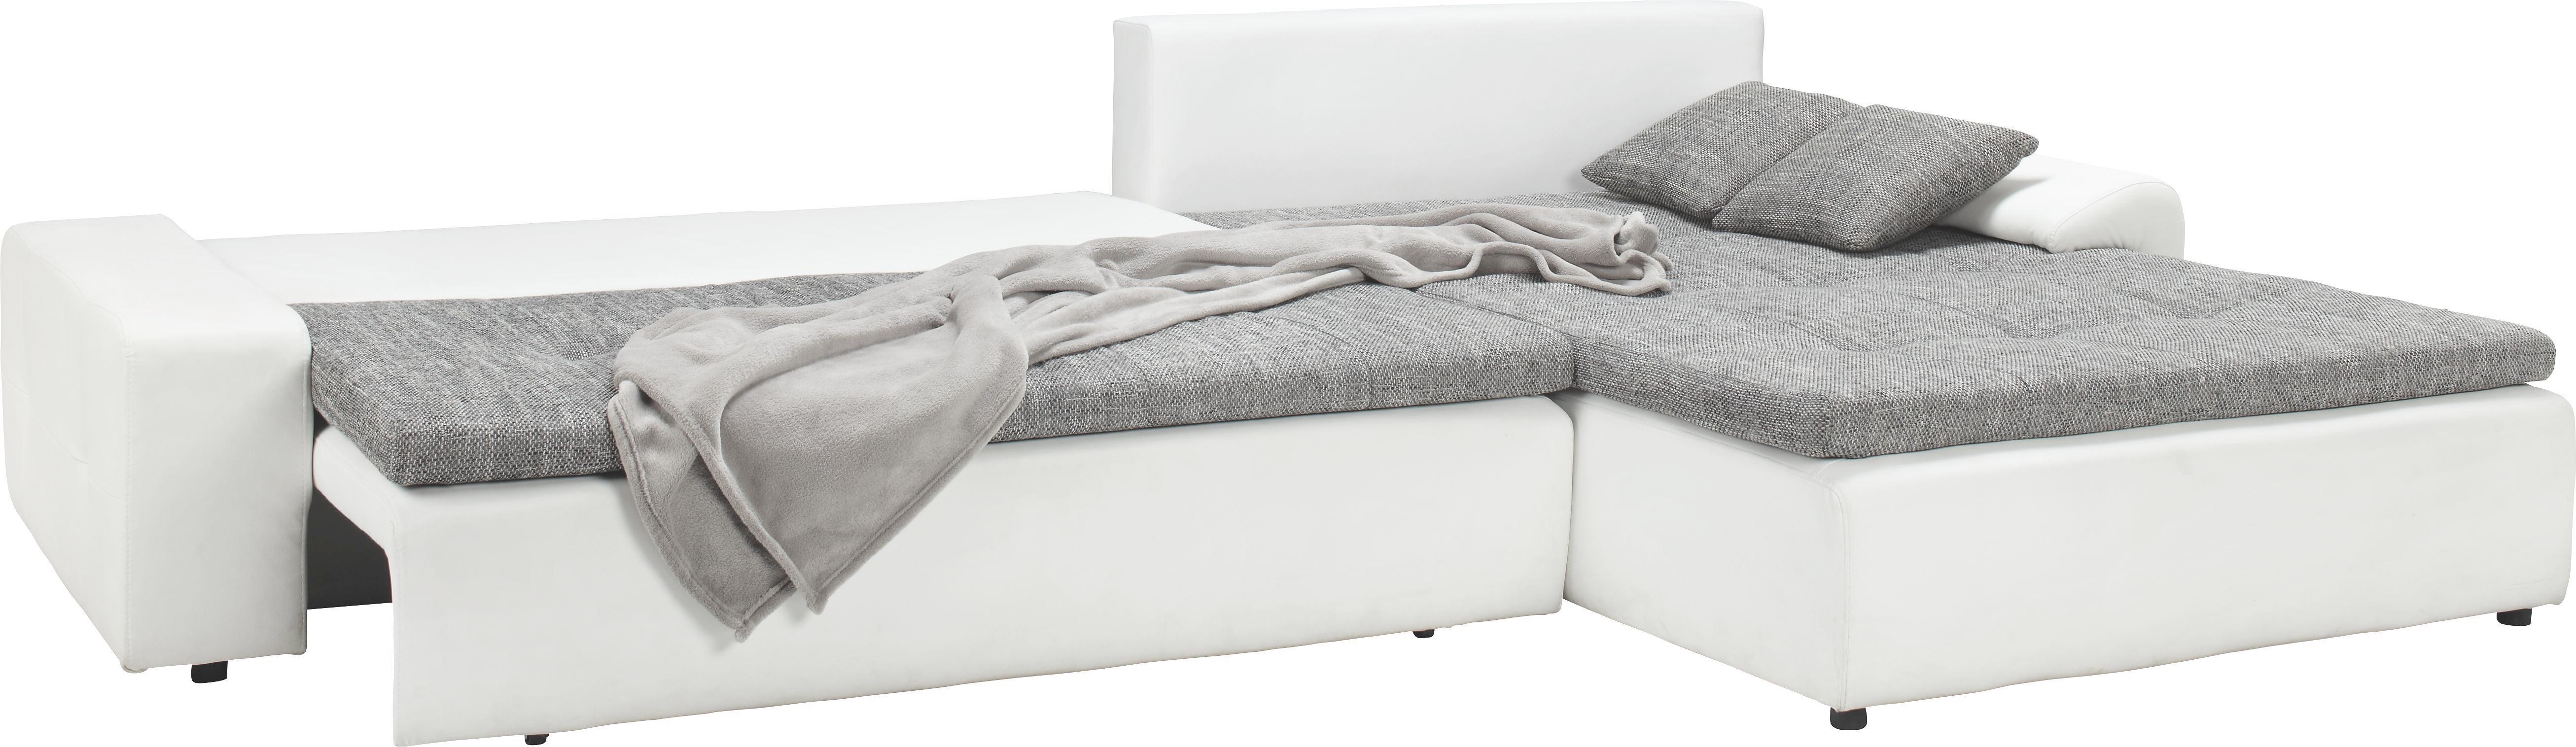 Wohnlandschaft Grau mit Bettfunktion - Schwarz/Weiß, KONVENTIONELL (310/80/211cm) - MODERN LIVING